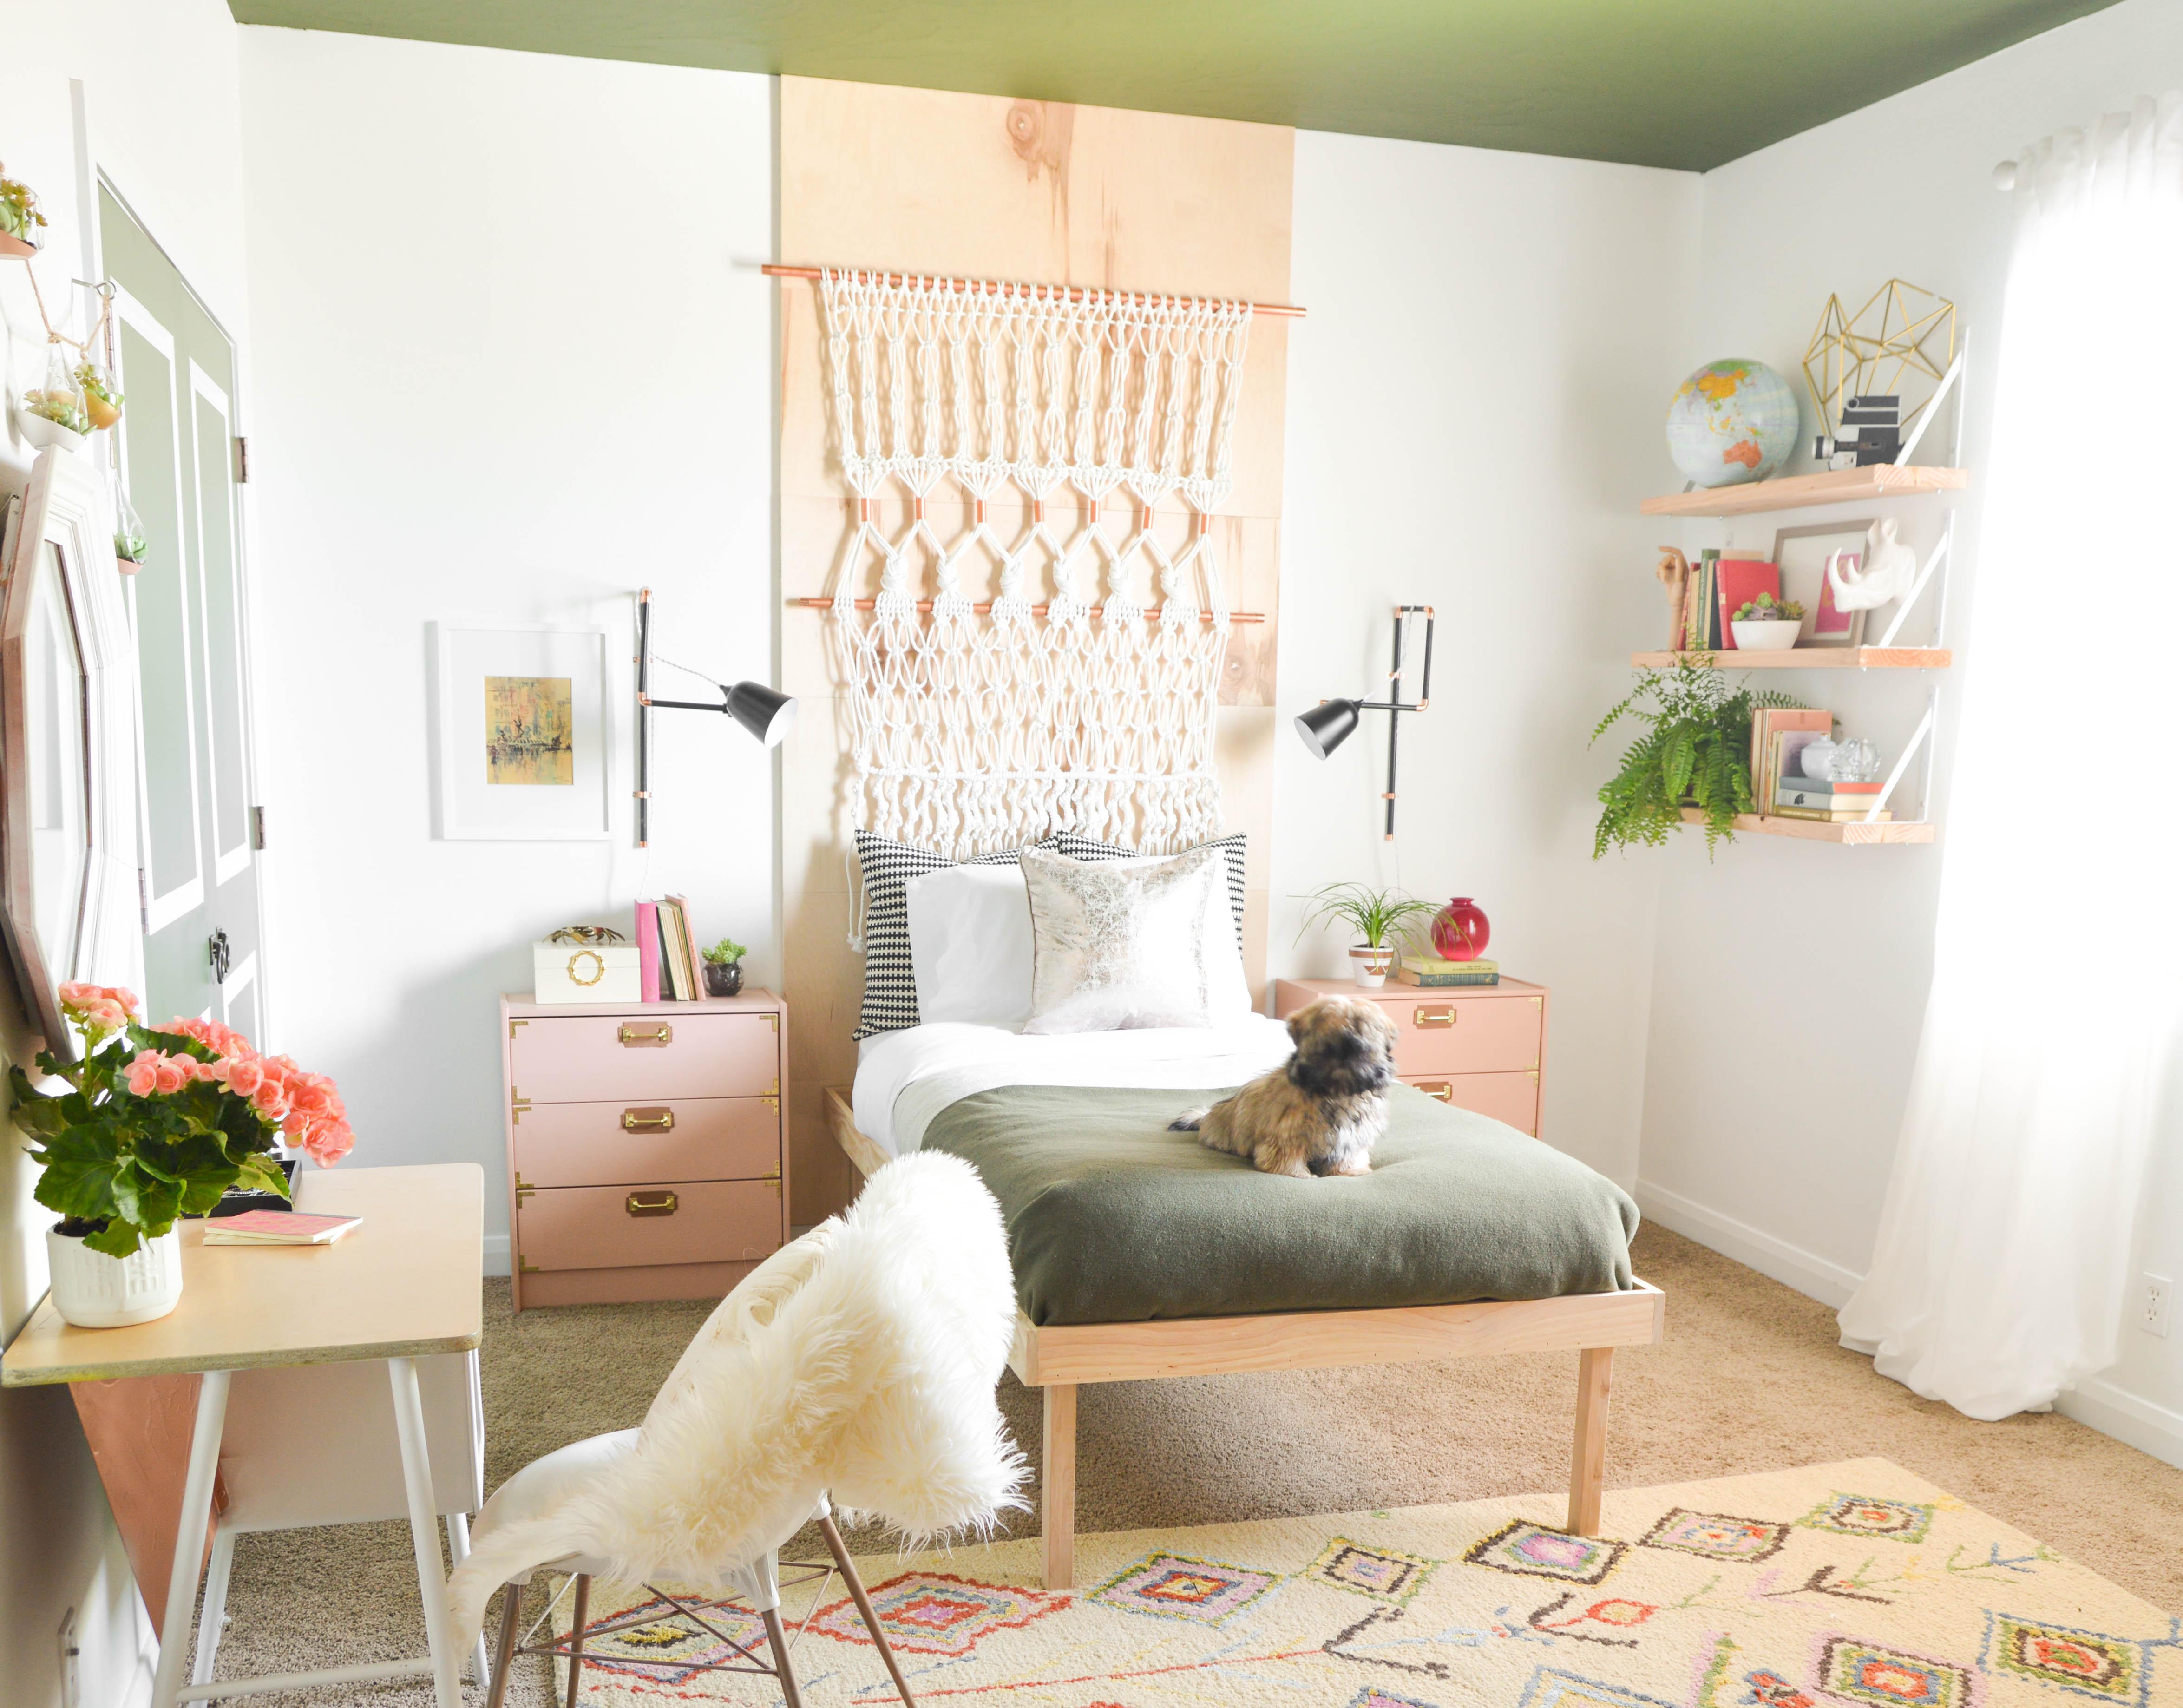 Buttoned Up Boho Bedroom Makeover • Vintage Revivals on Modern Boho Bedroom  id=43607